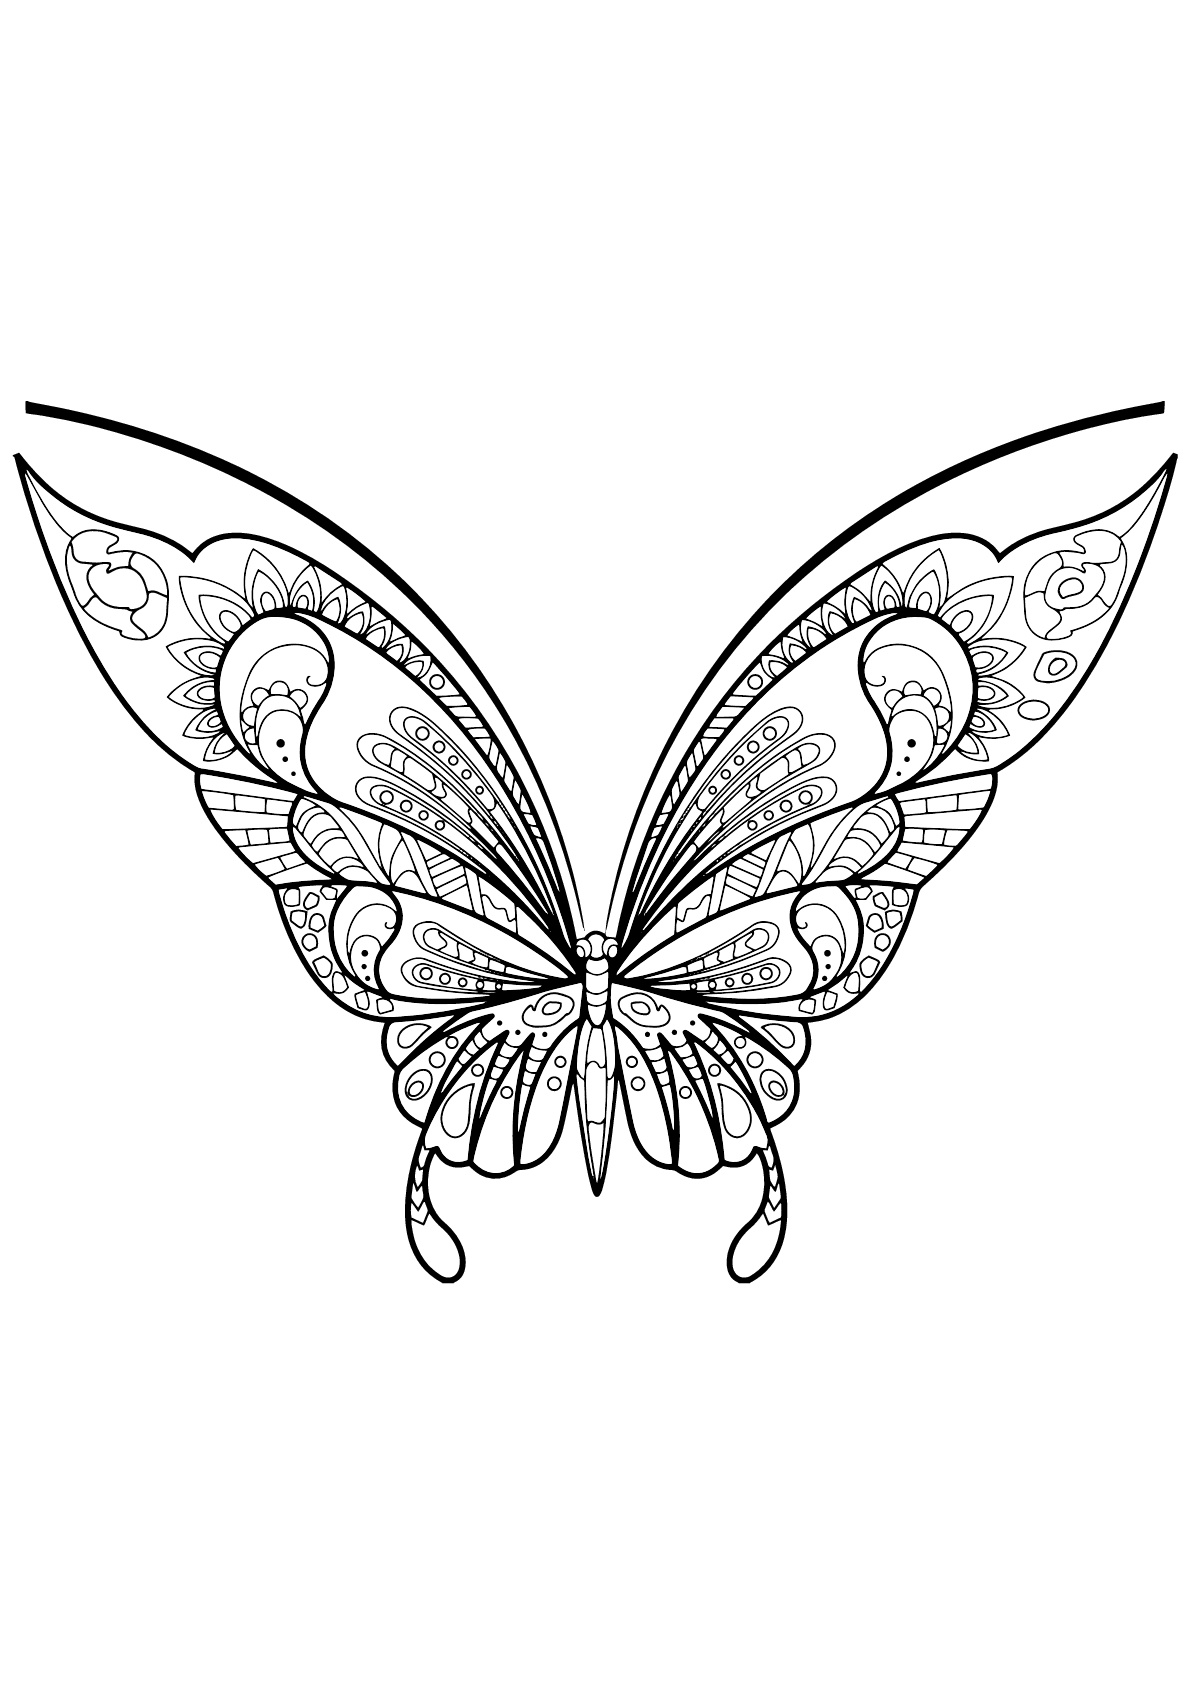 Coloriage d'un papillon avec des superbes motifs - 7